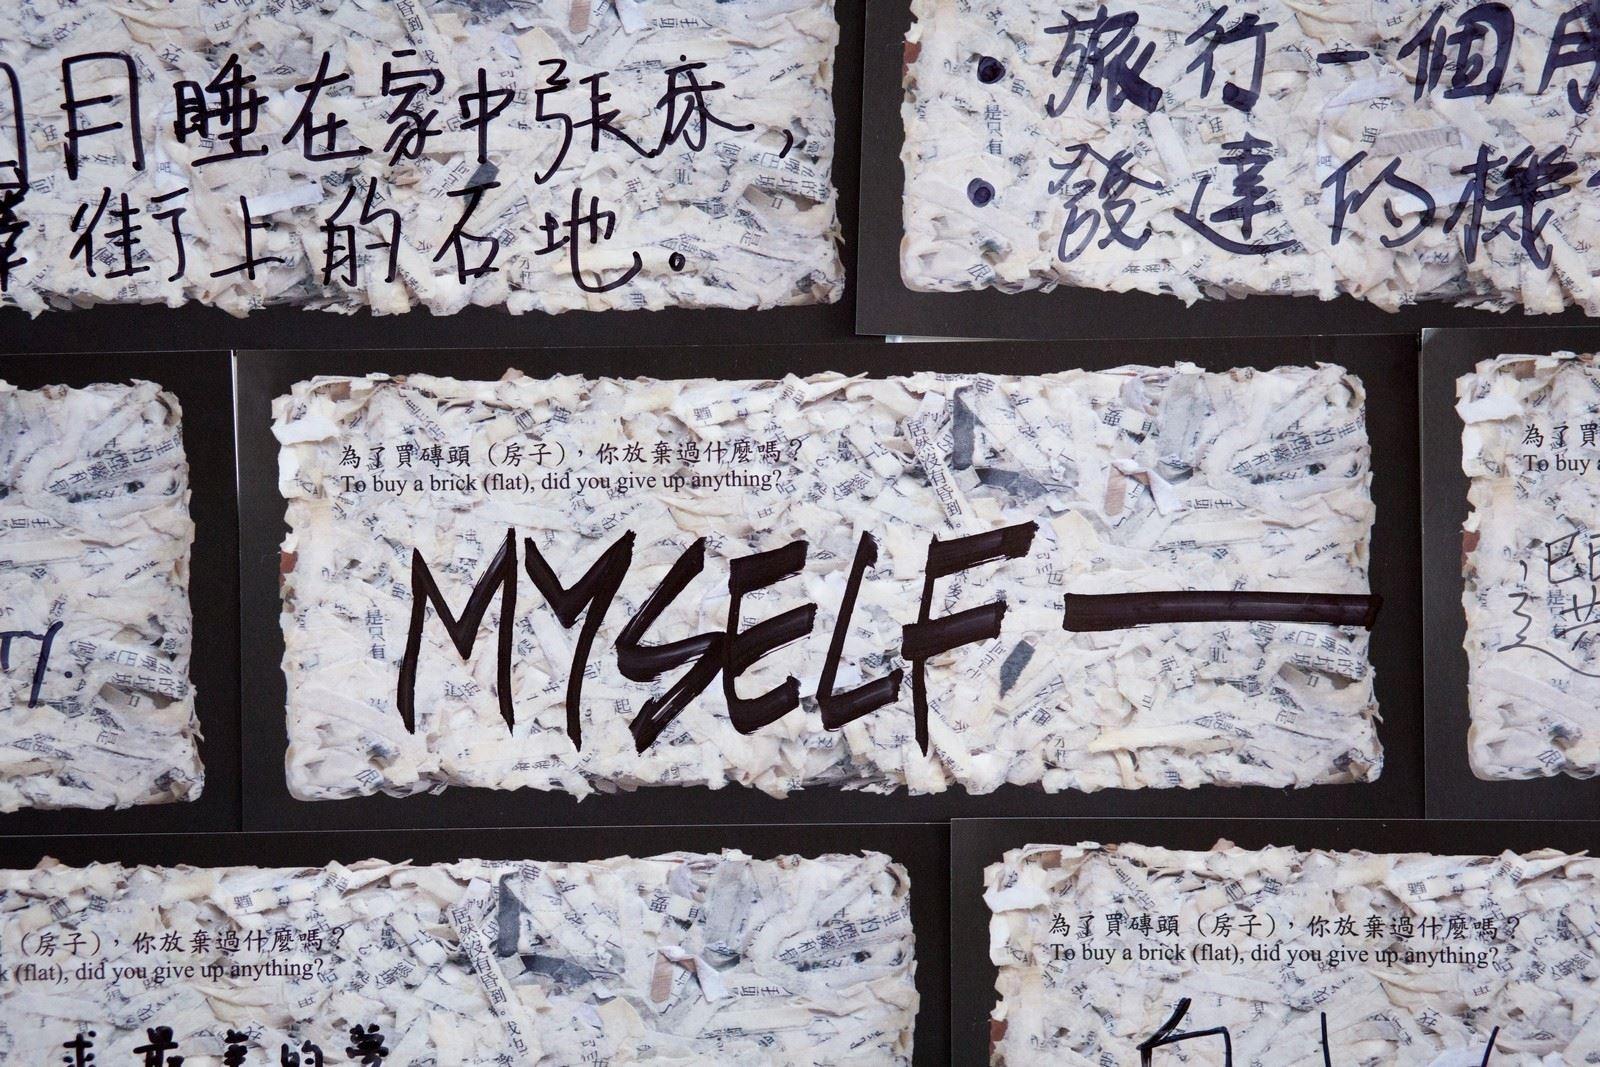 香港當代藝術展在台北當代藝術館展出,藝術家文晶瑩以「為了磚頭,你放棄了甚麼?」為題,揭露香港民眾的心聲。(翻攝自文晶瑩的當代藝術)